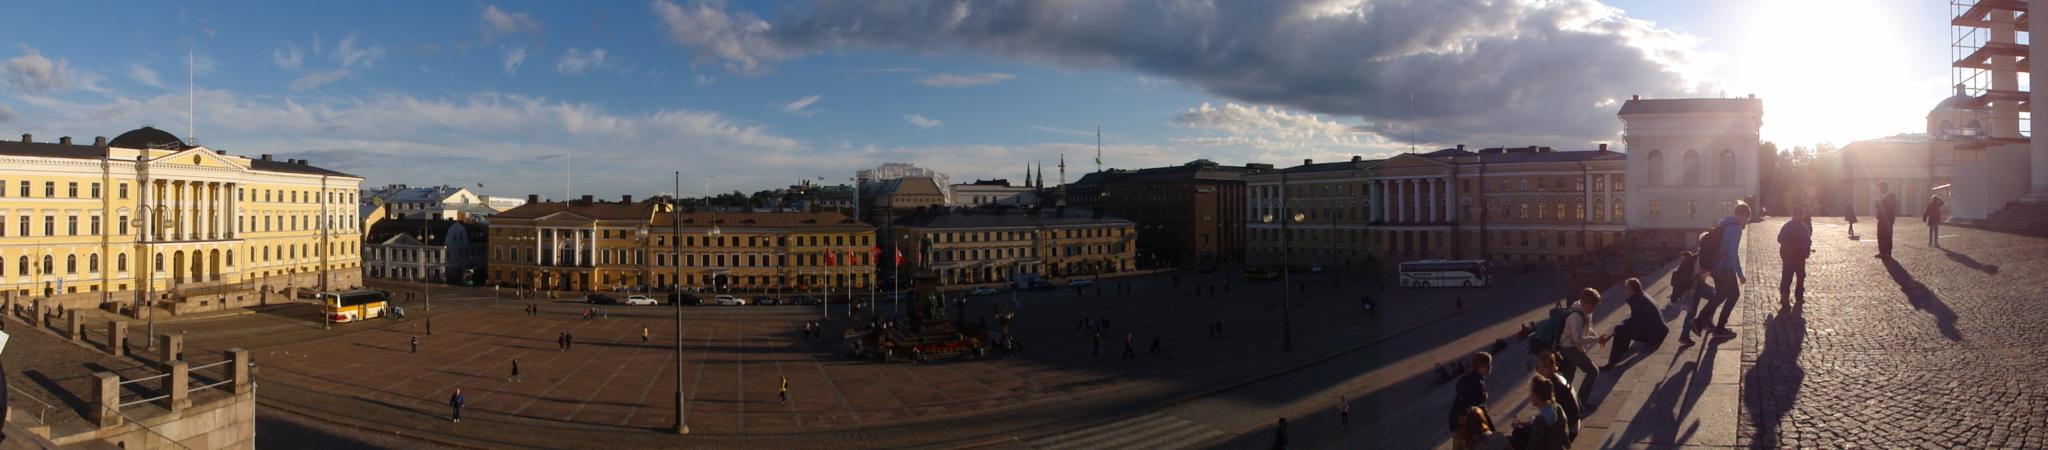 20160817 Helsinki 34